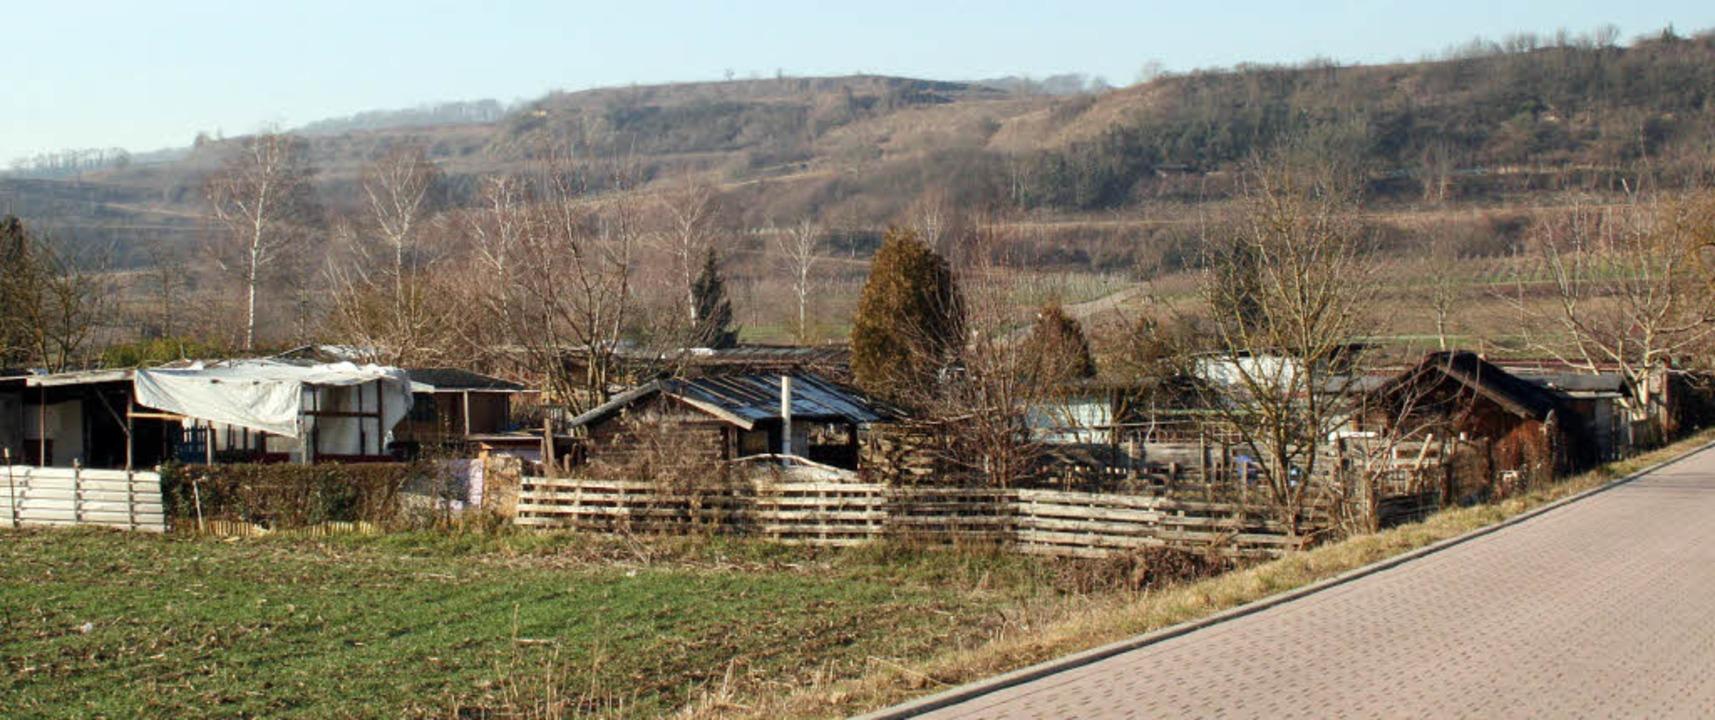 In dieser Kleingartenanlage am Rande e...as Opfer im Sommer 2011 vergewaltigt.     Foto: Horst David